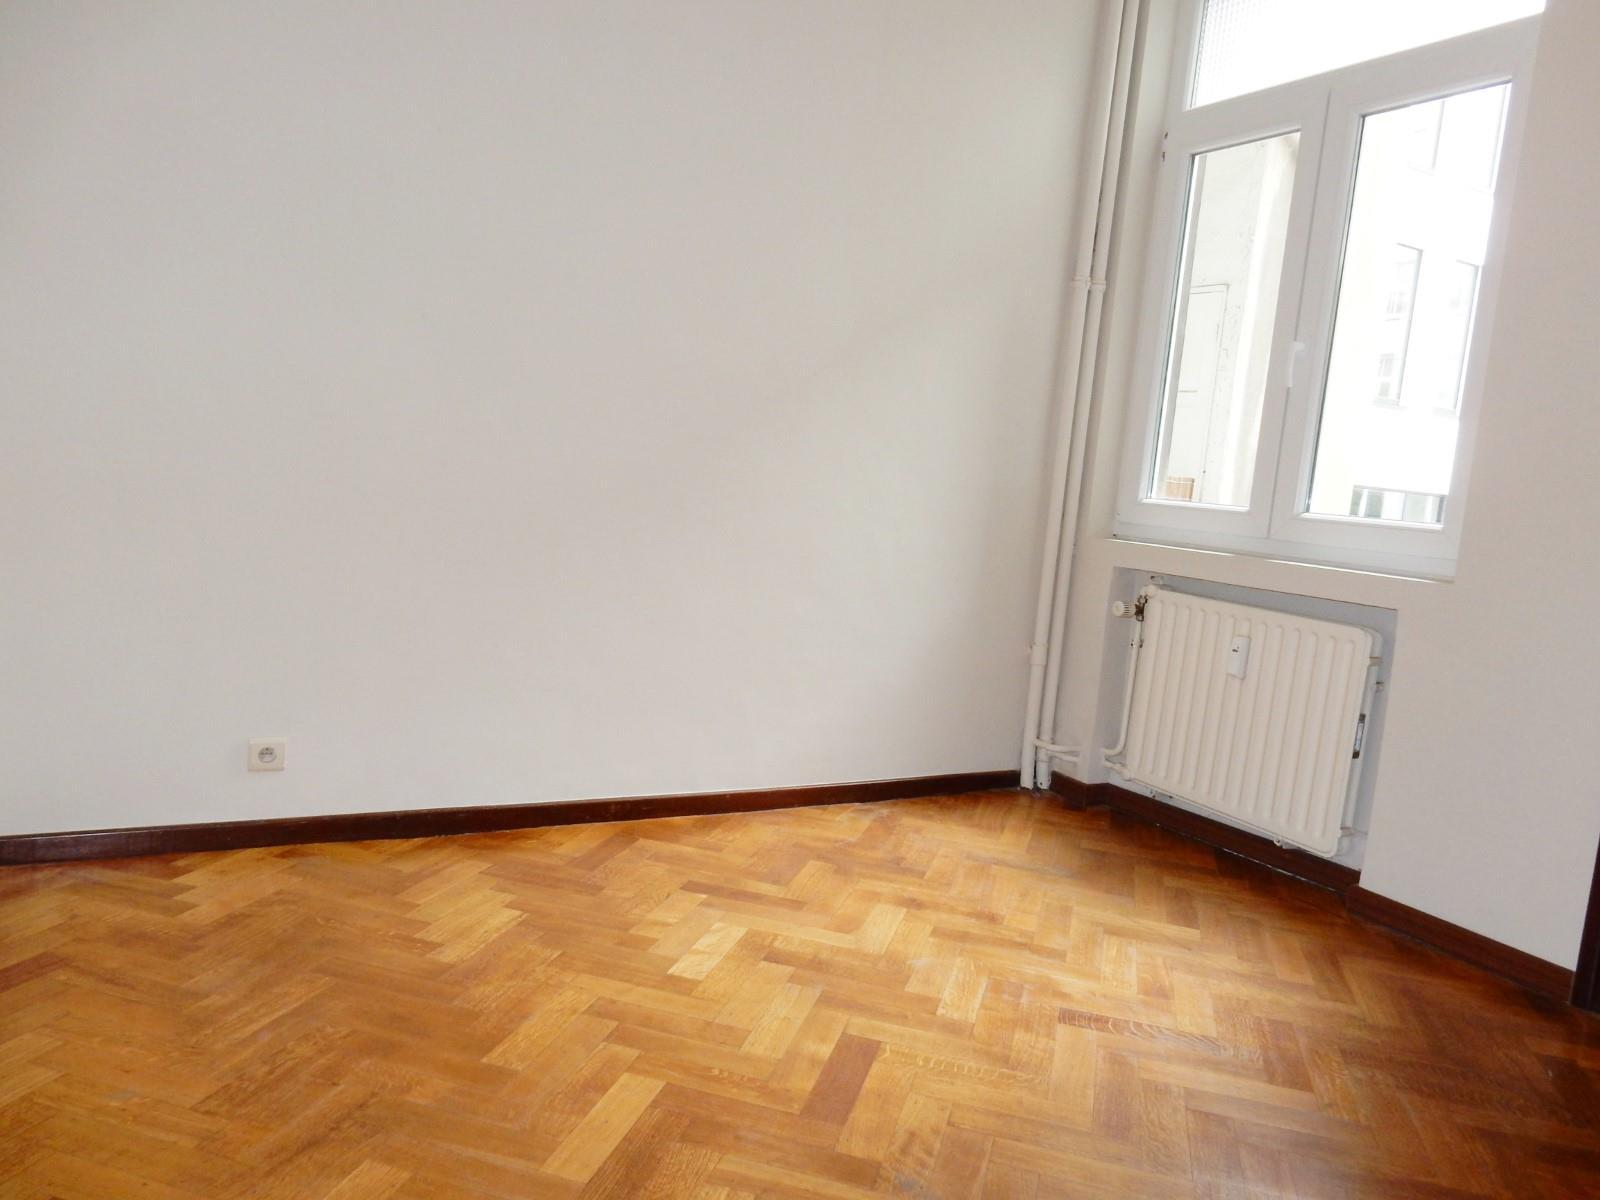 Flat - Bruxelles - #3798429-10